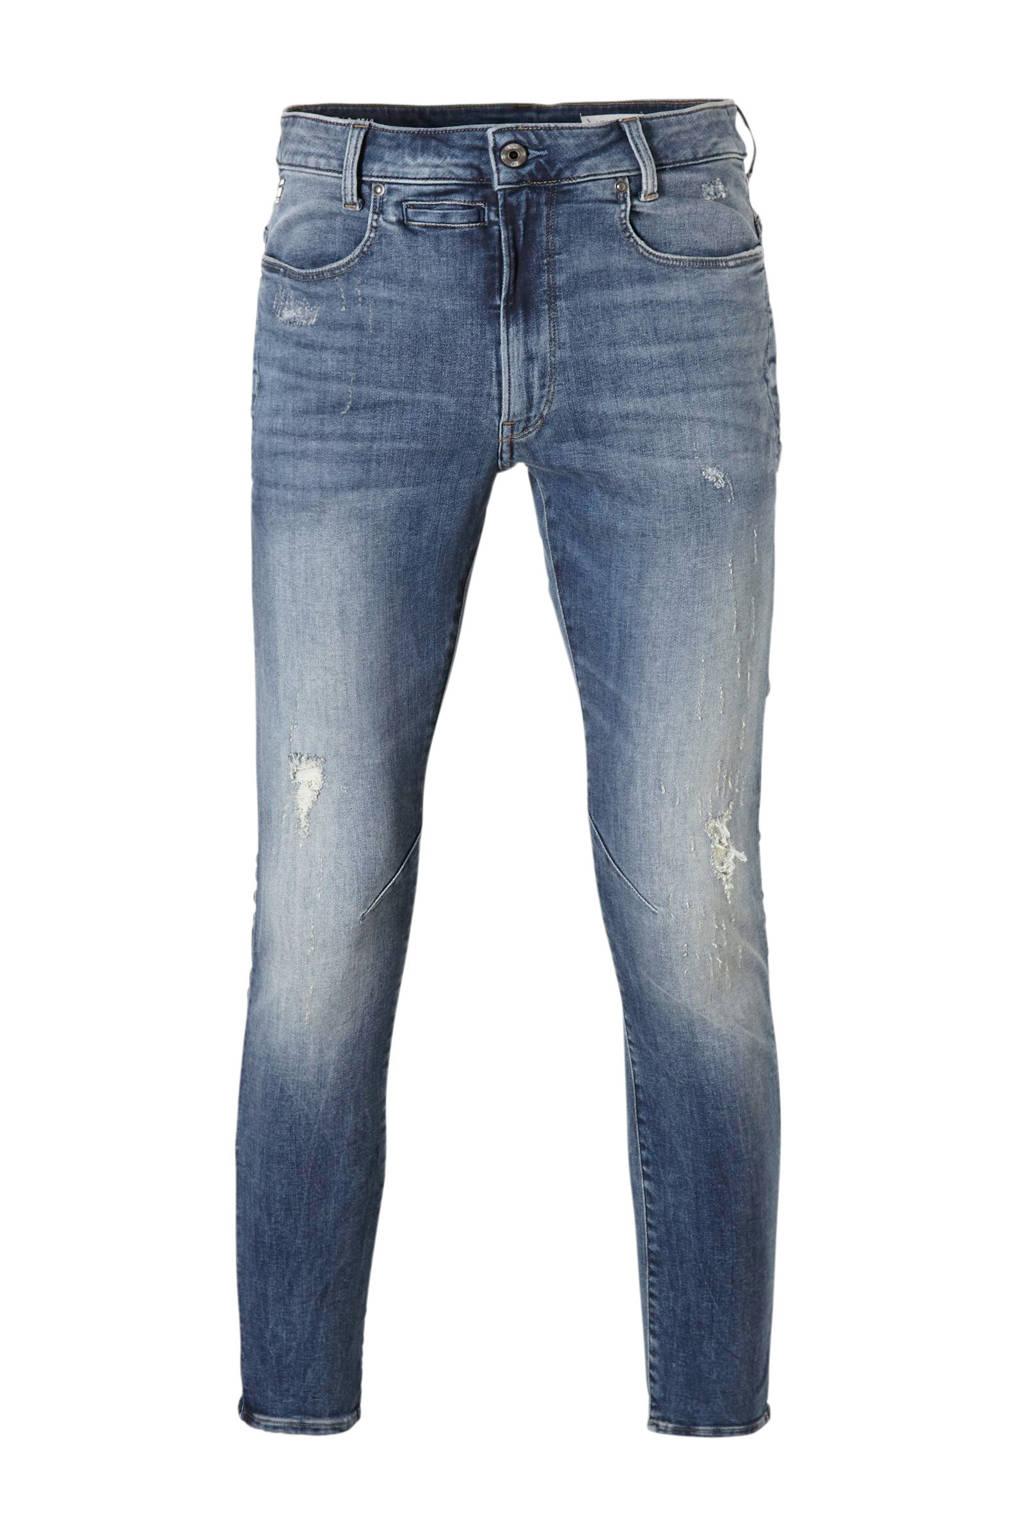 G-Star RAW slim fit jeans D-Staq, Dark denim